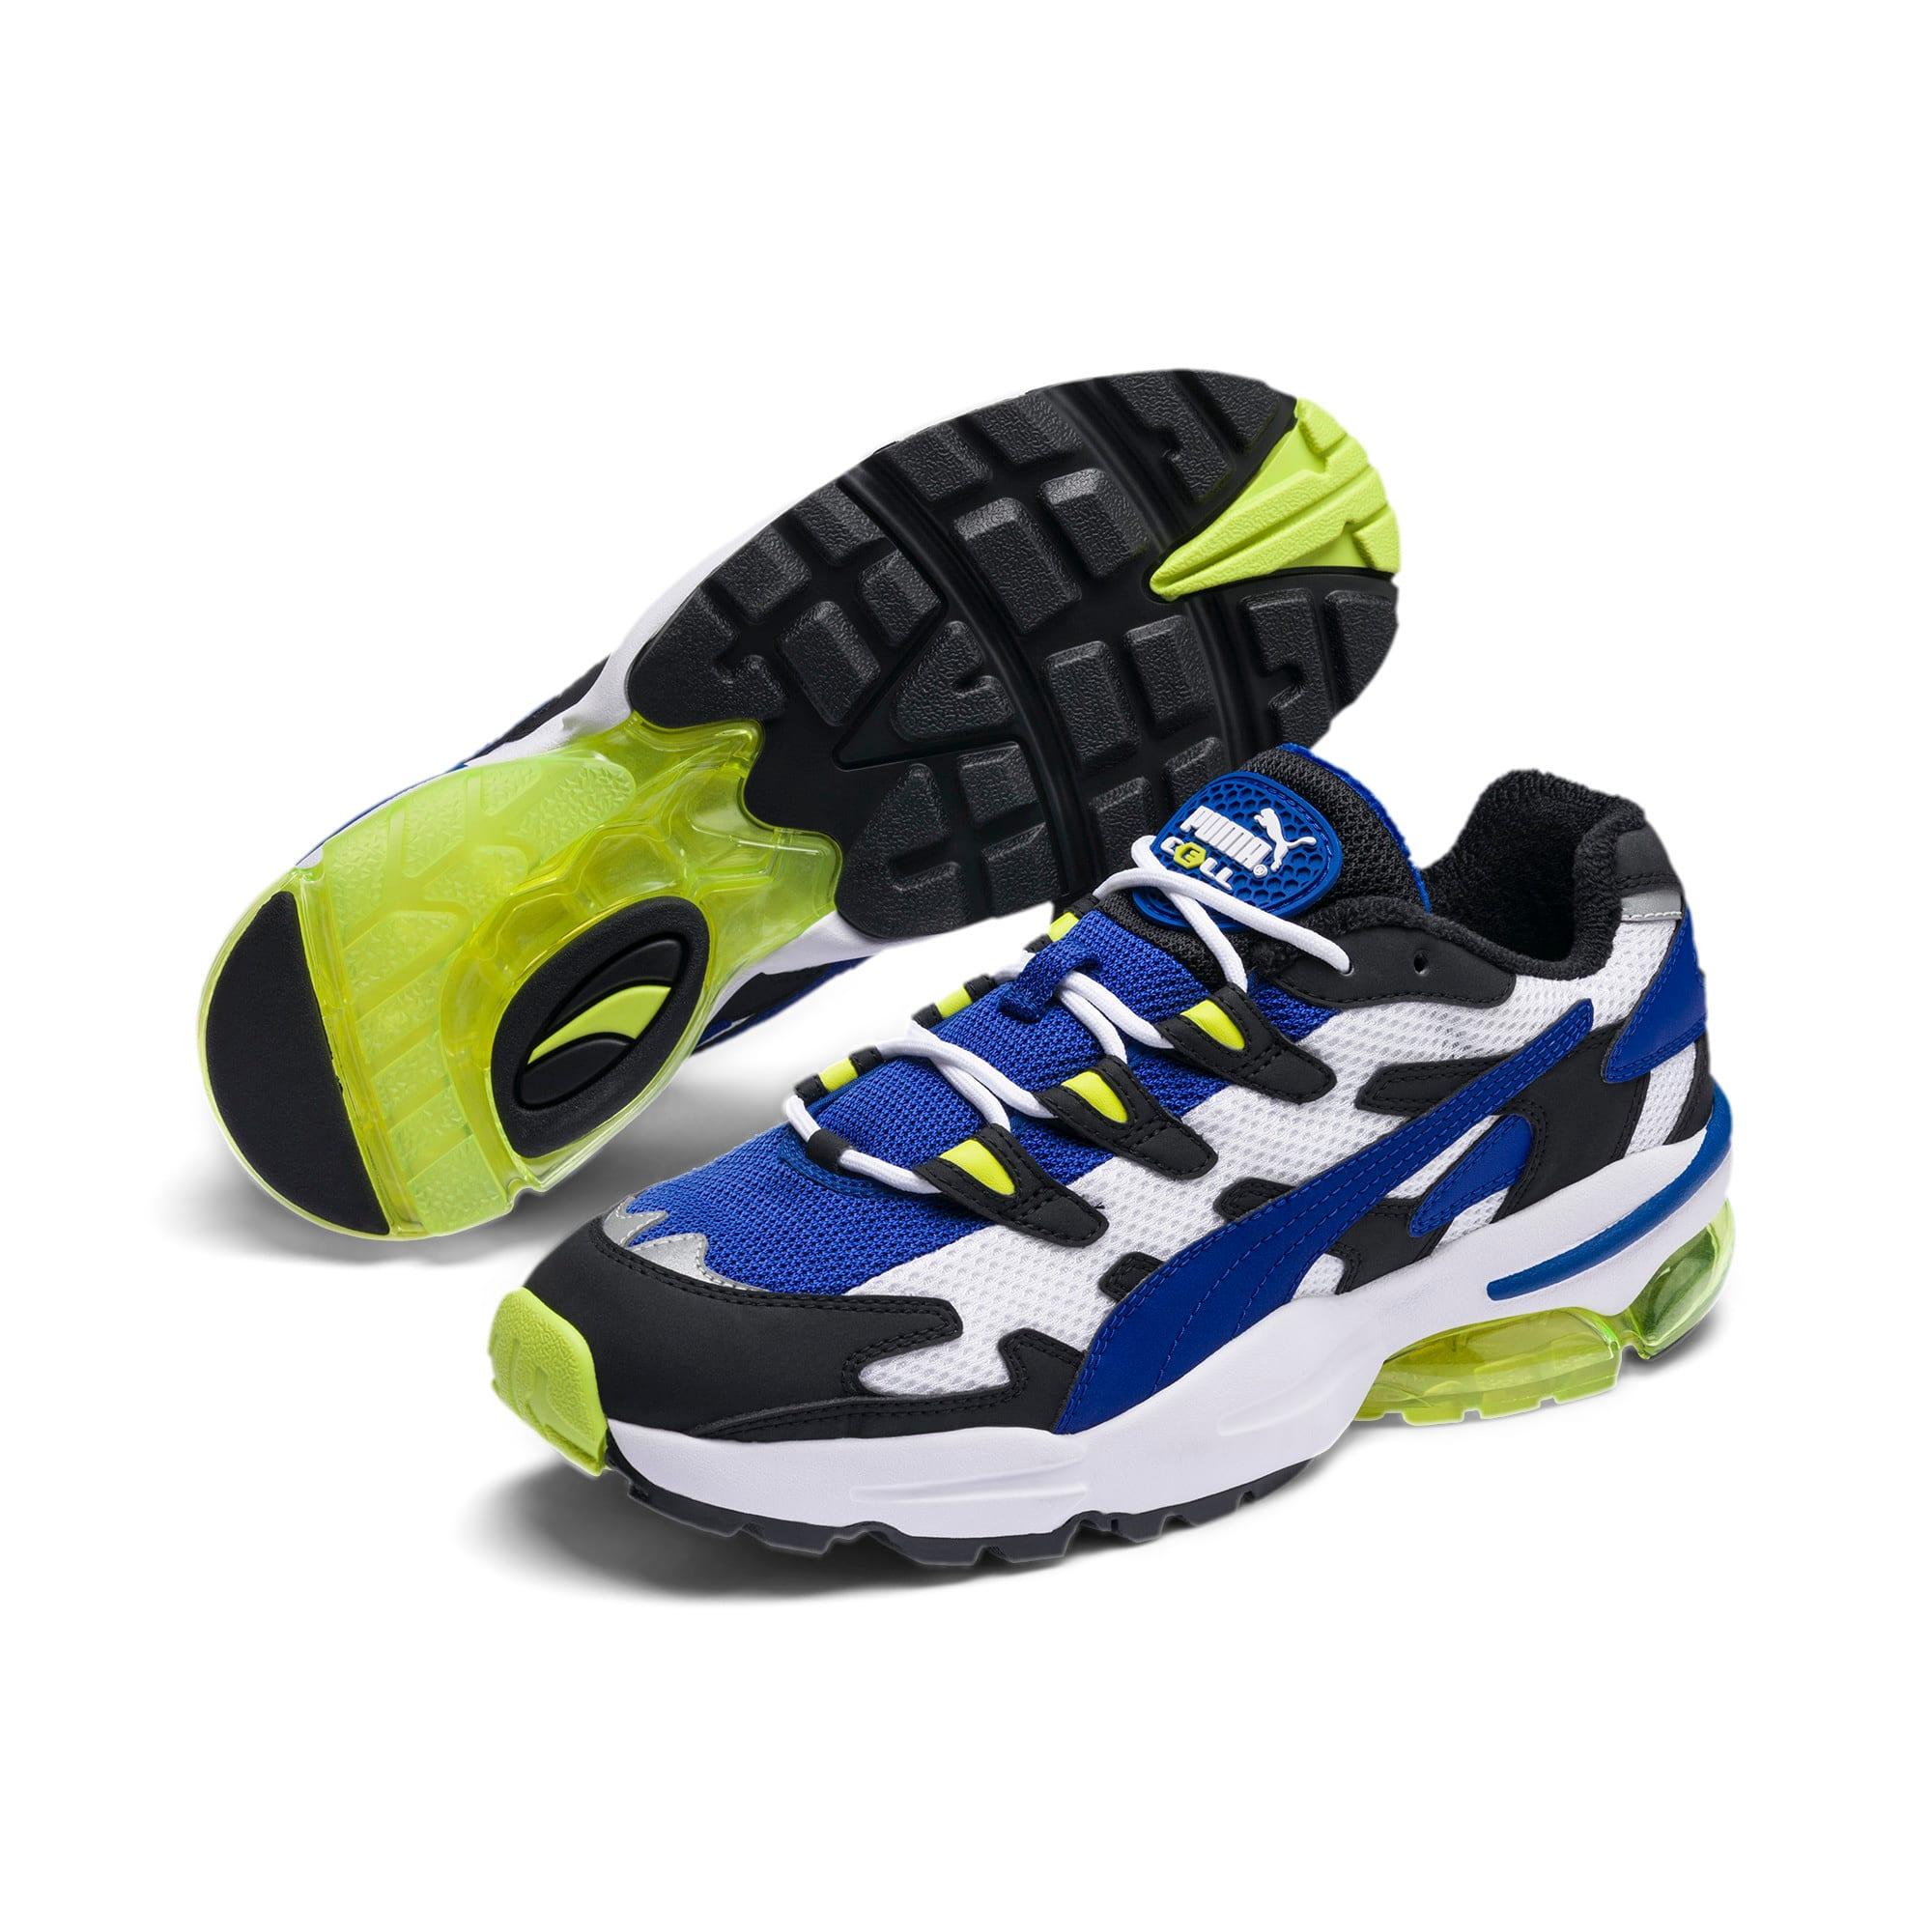 Thumbnail 3 of CELL Alien OG Sneakers, Puma Black-Surf The Web, medium